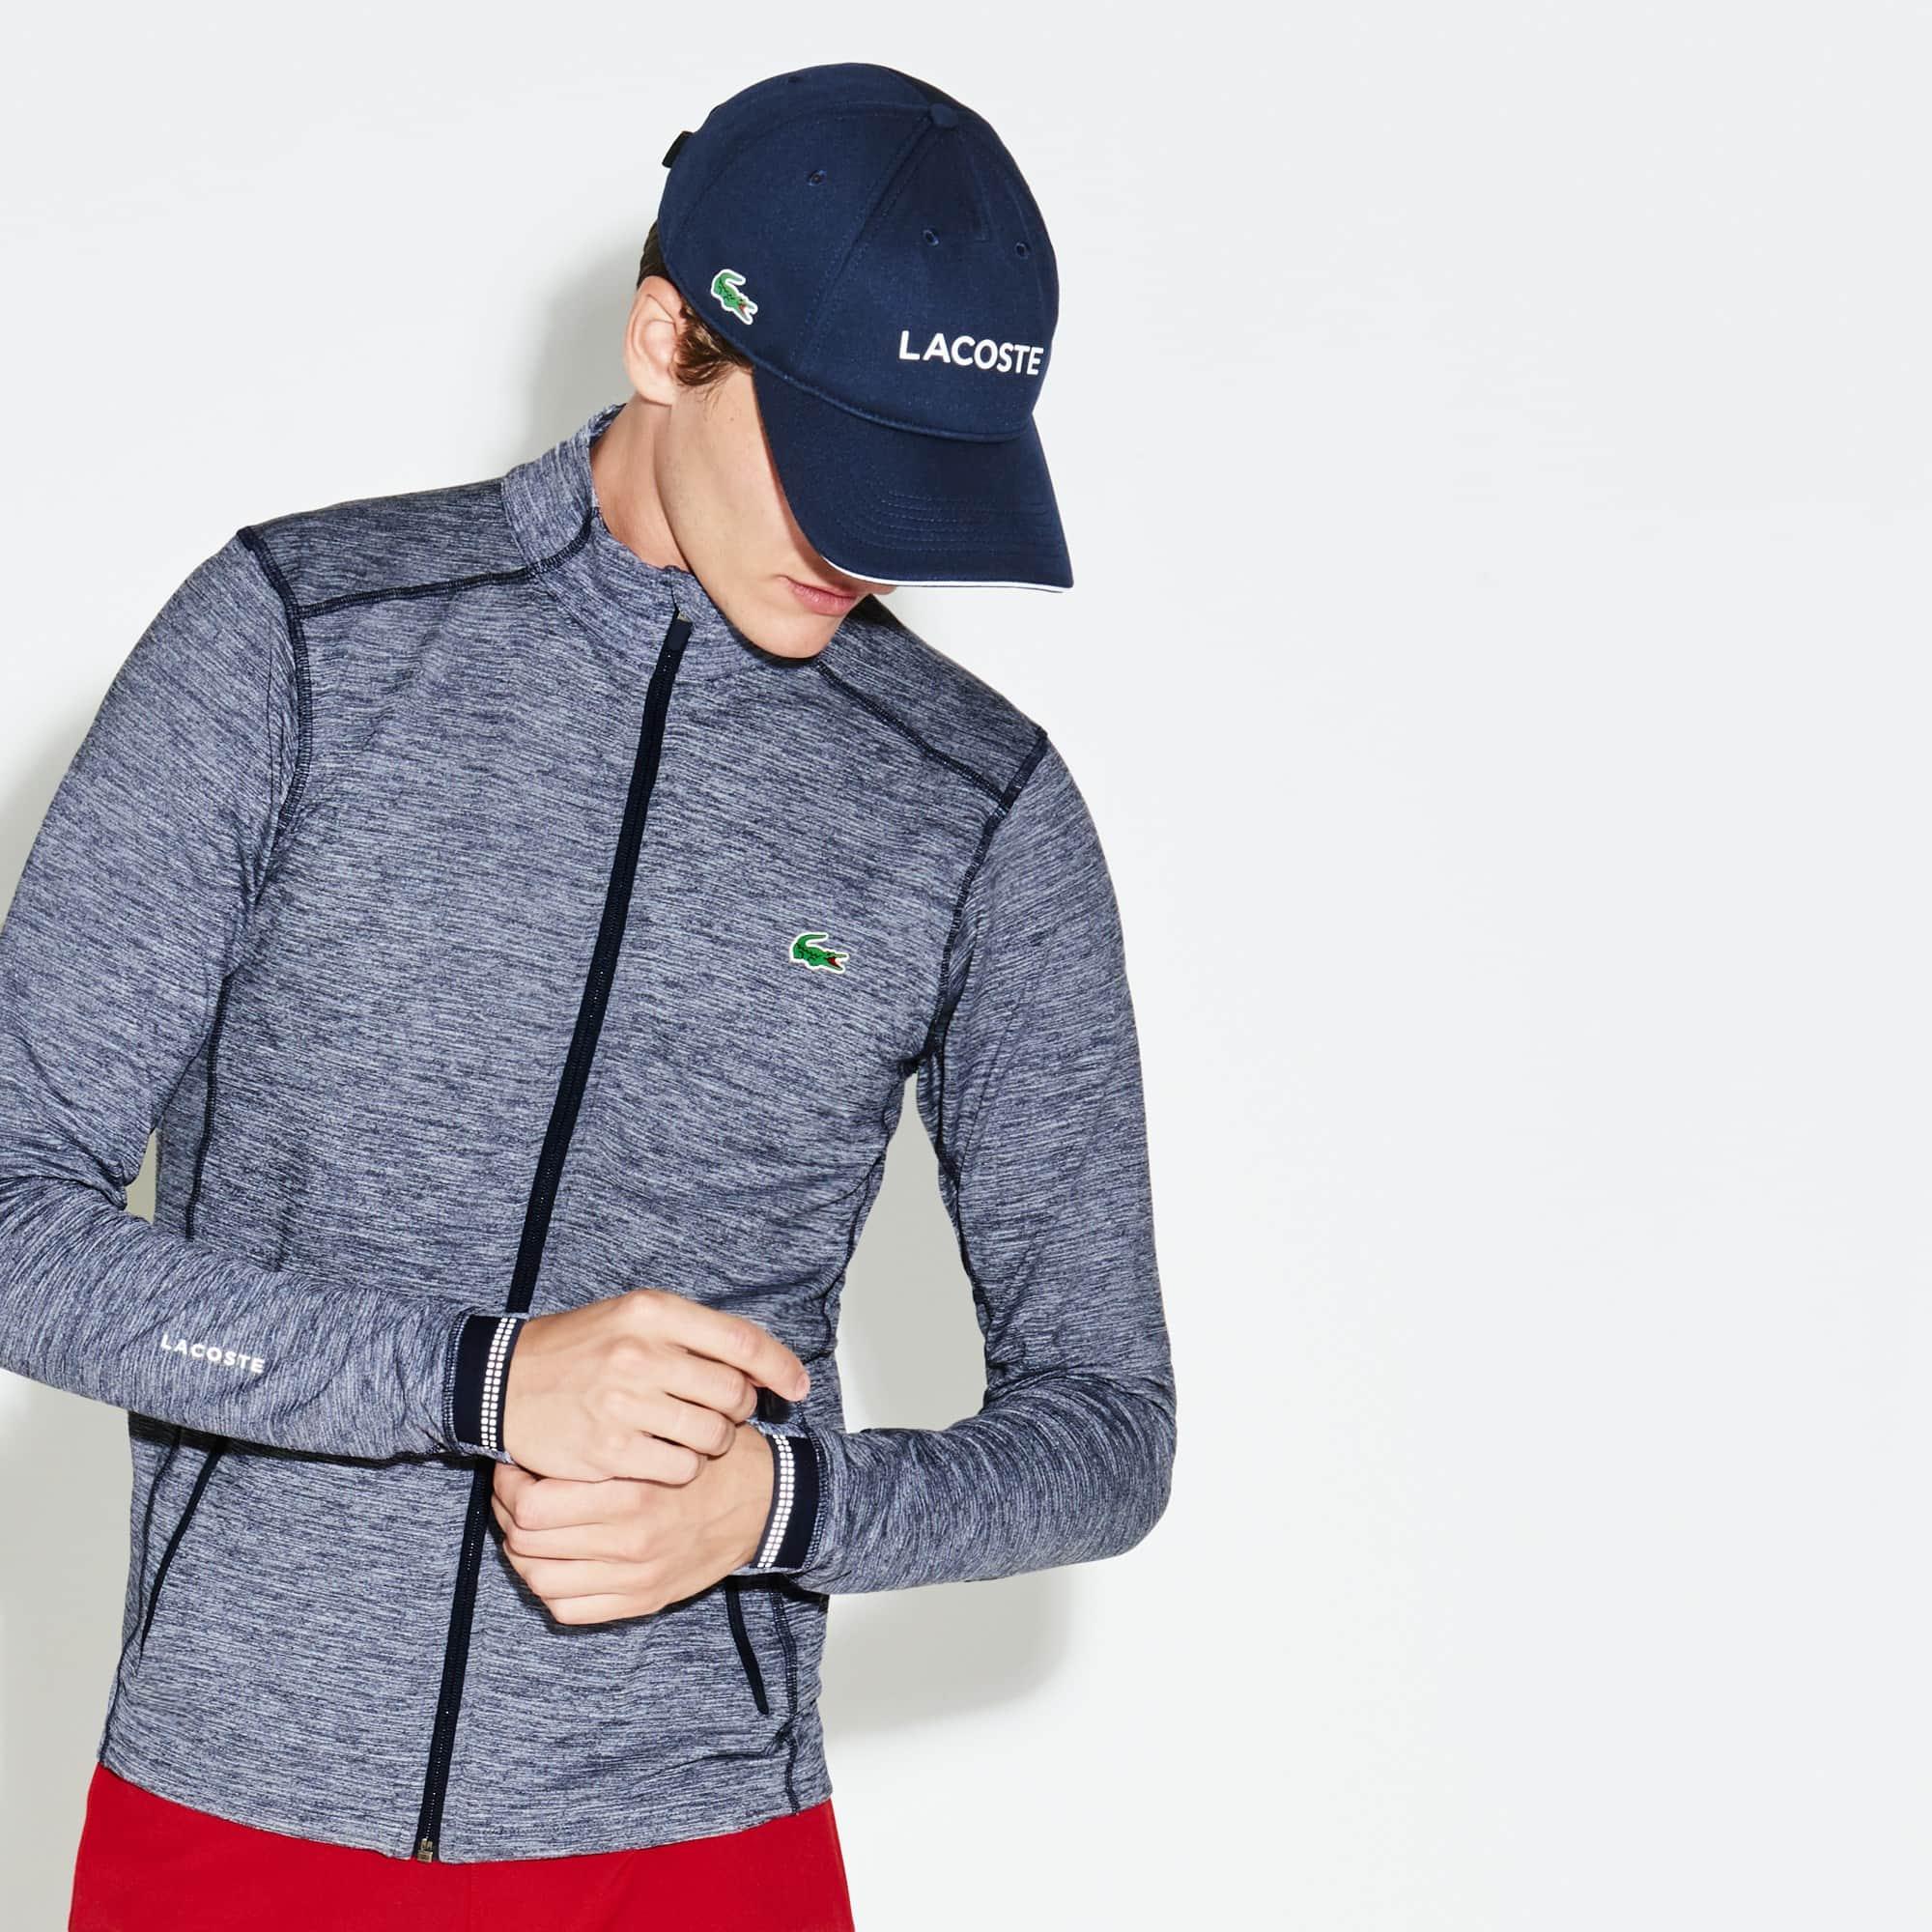 Herren LACOSTE SPORT Tech Flamme Midlayer Golf-Sweatshirt